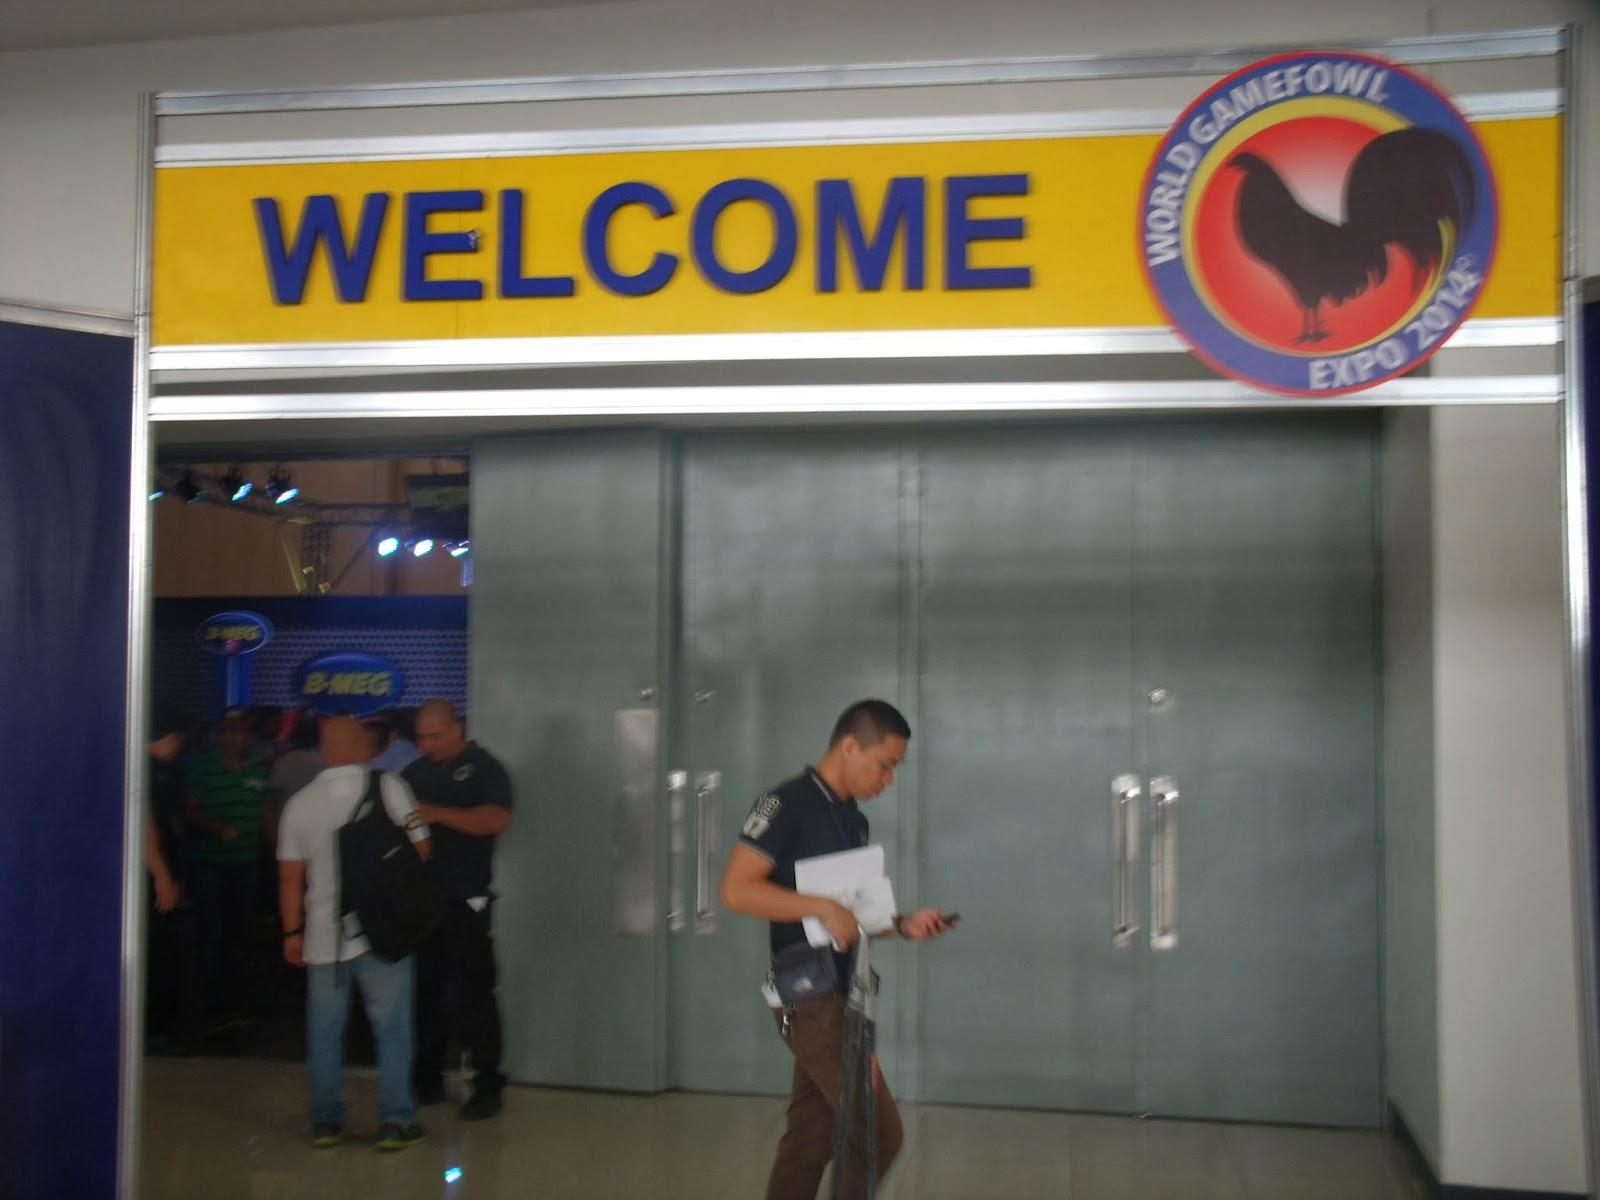 World Gamefowl Expo